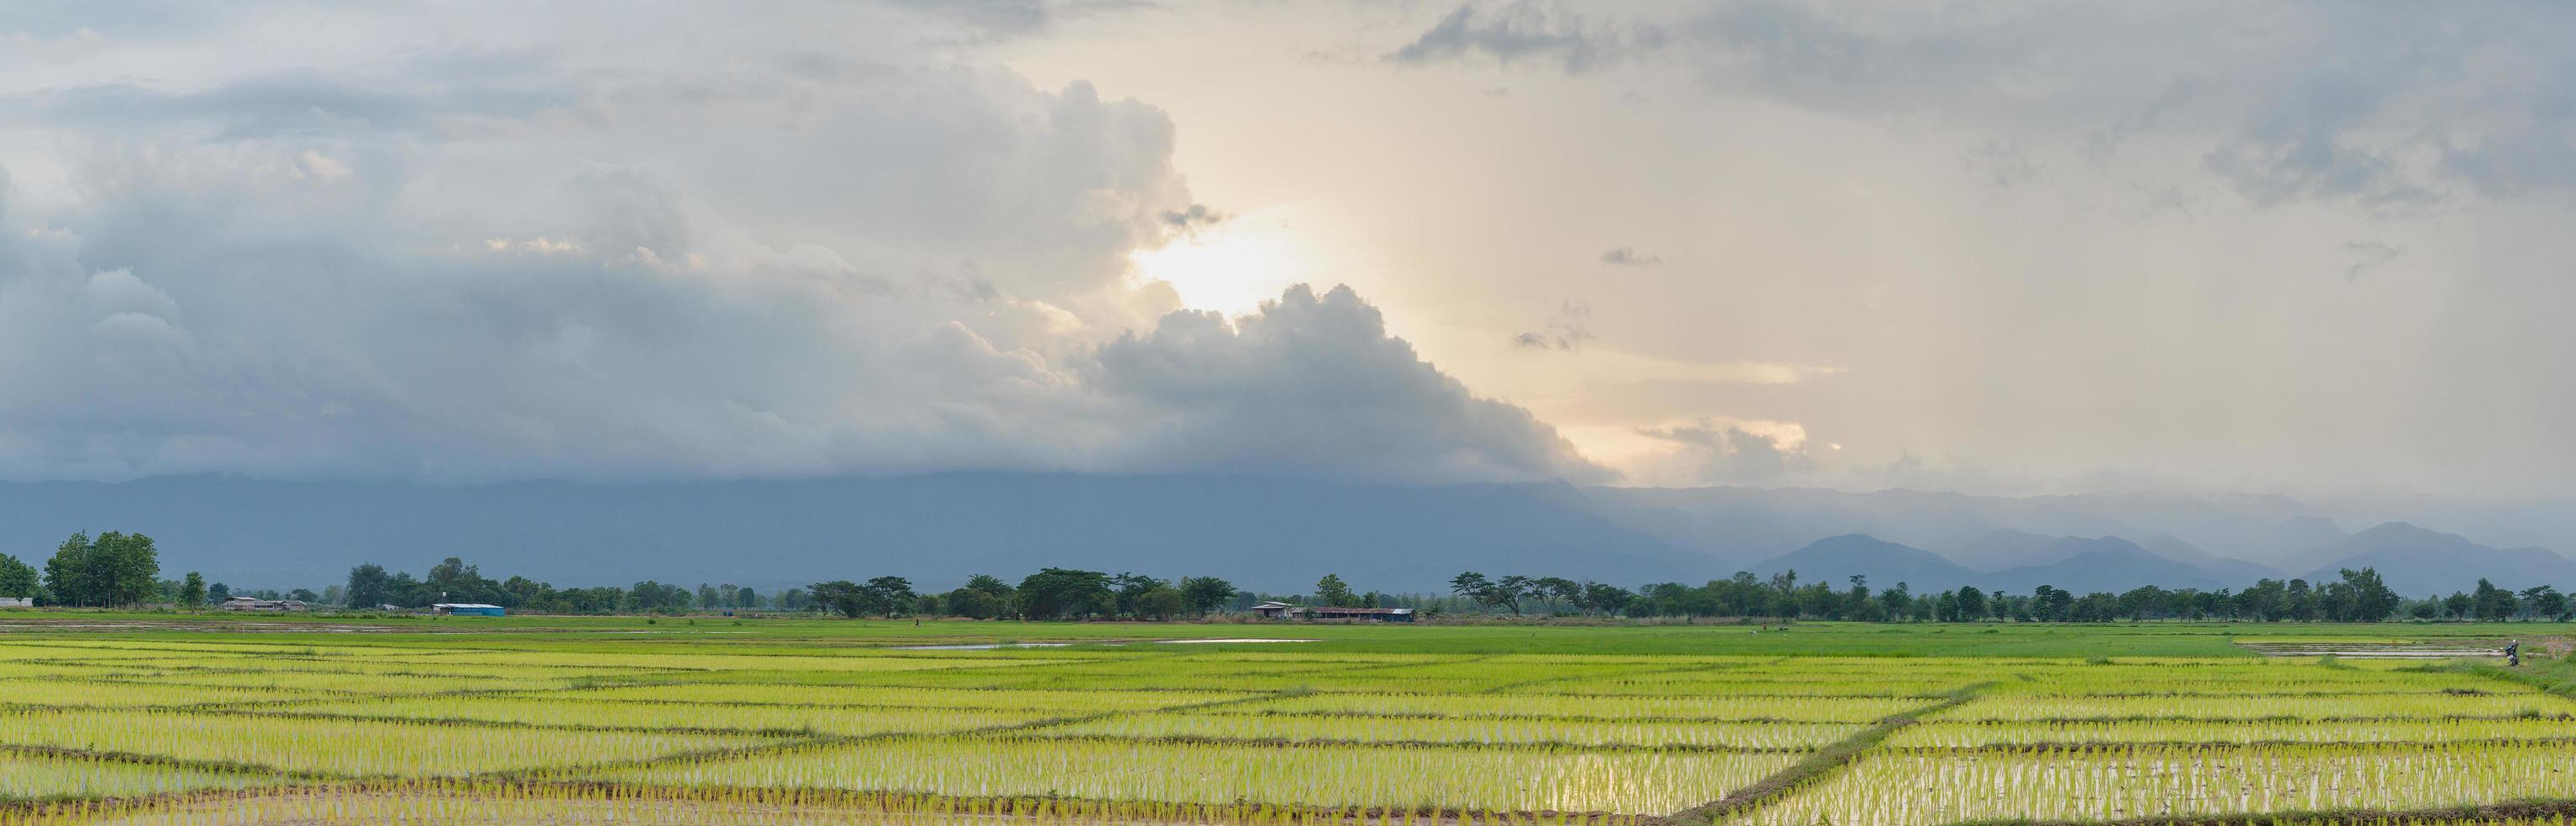 Reisfeld bei Sonnenuntergang foto